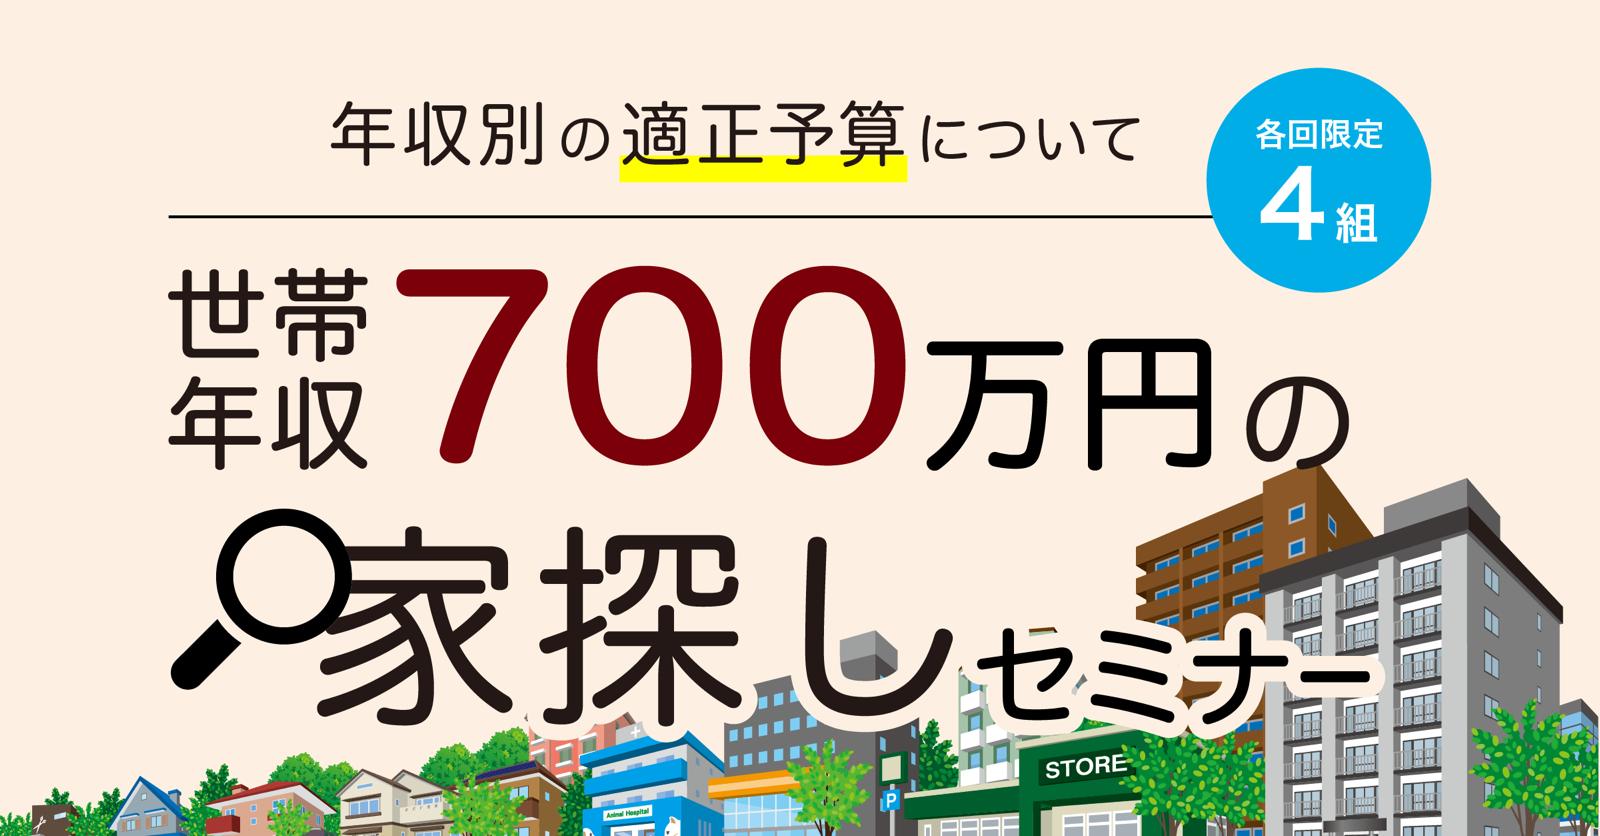 マンションのプロから学ぶ【カウルゼミ】開講!初回テーマは「世帯年収700万円の家探し」